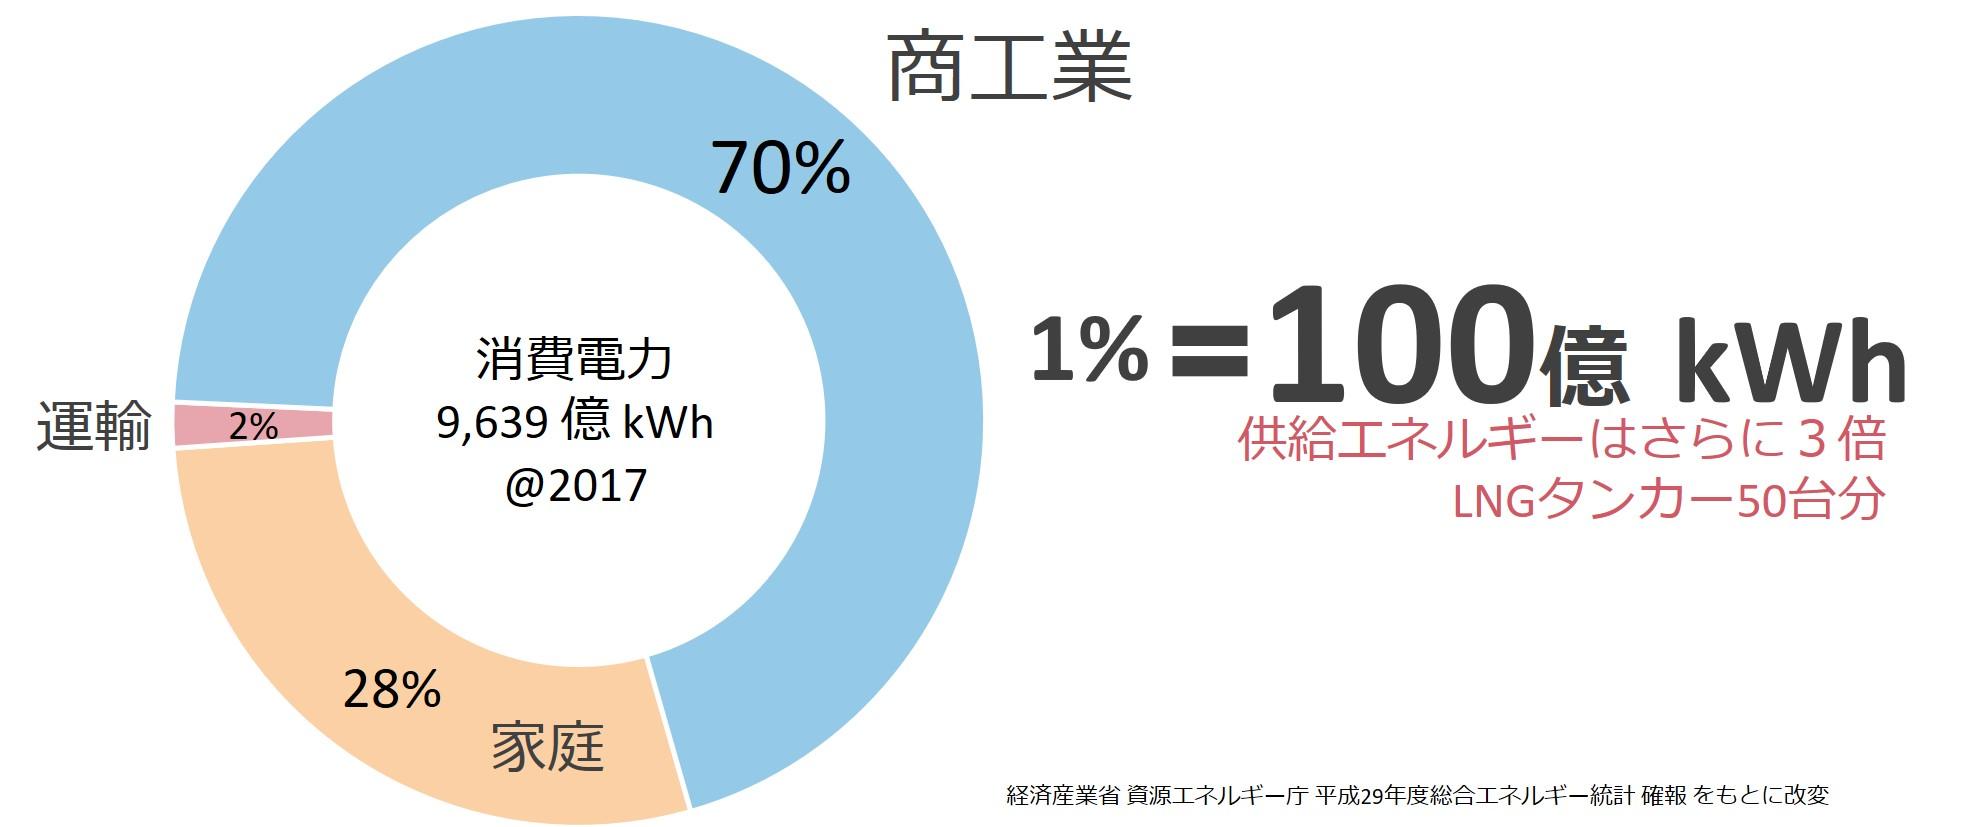 日本における商工業分野の消費電力割合